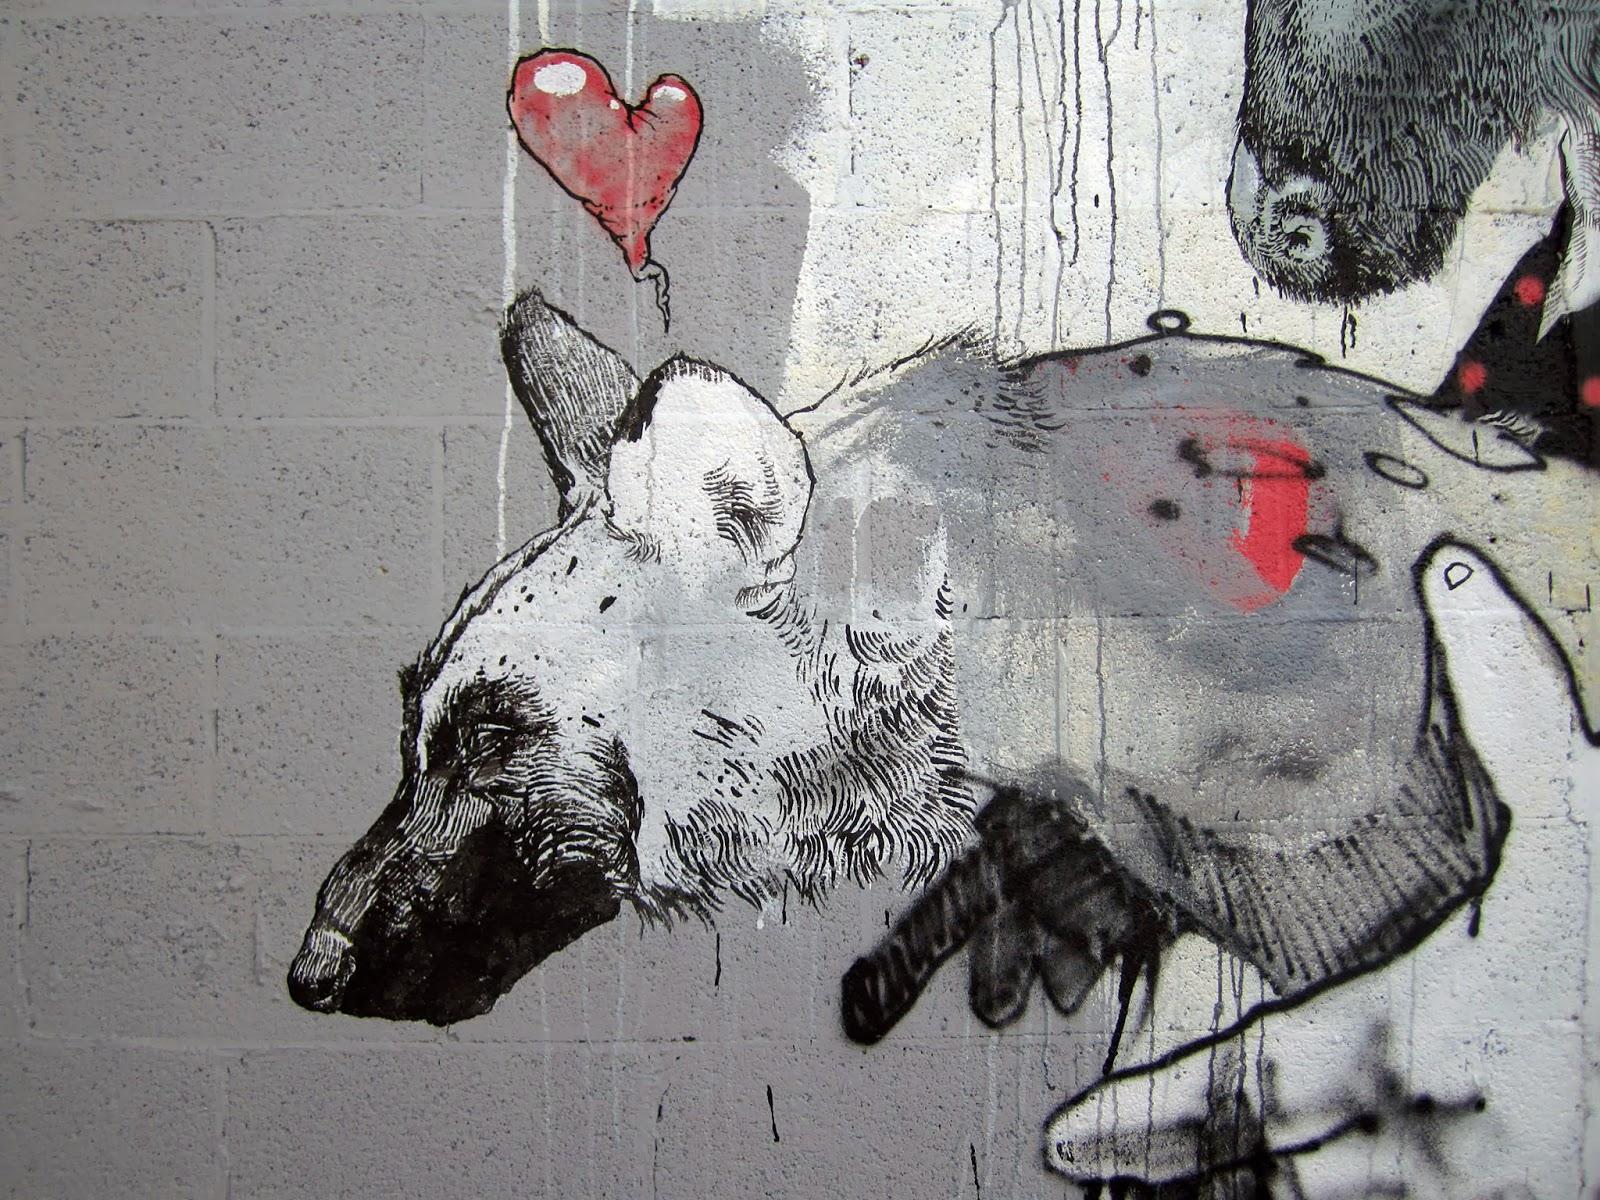 joram-roukes-new-mural-for-art-basel-2013-03